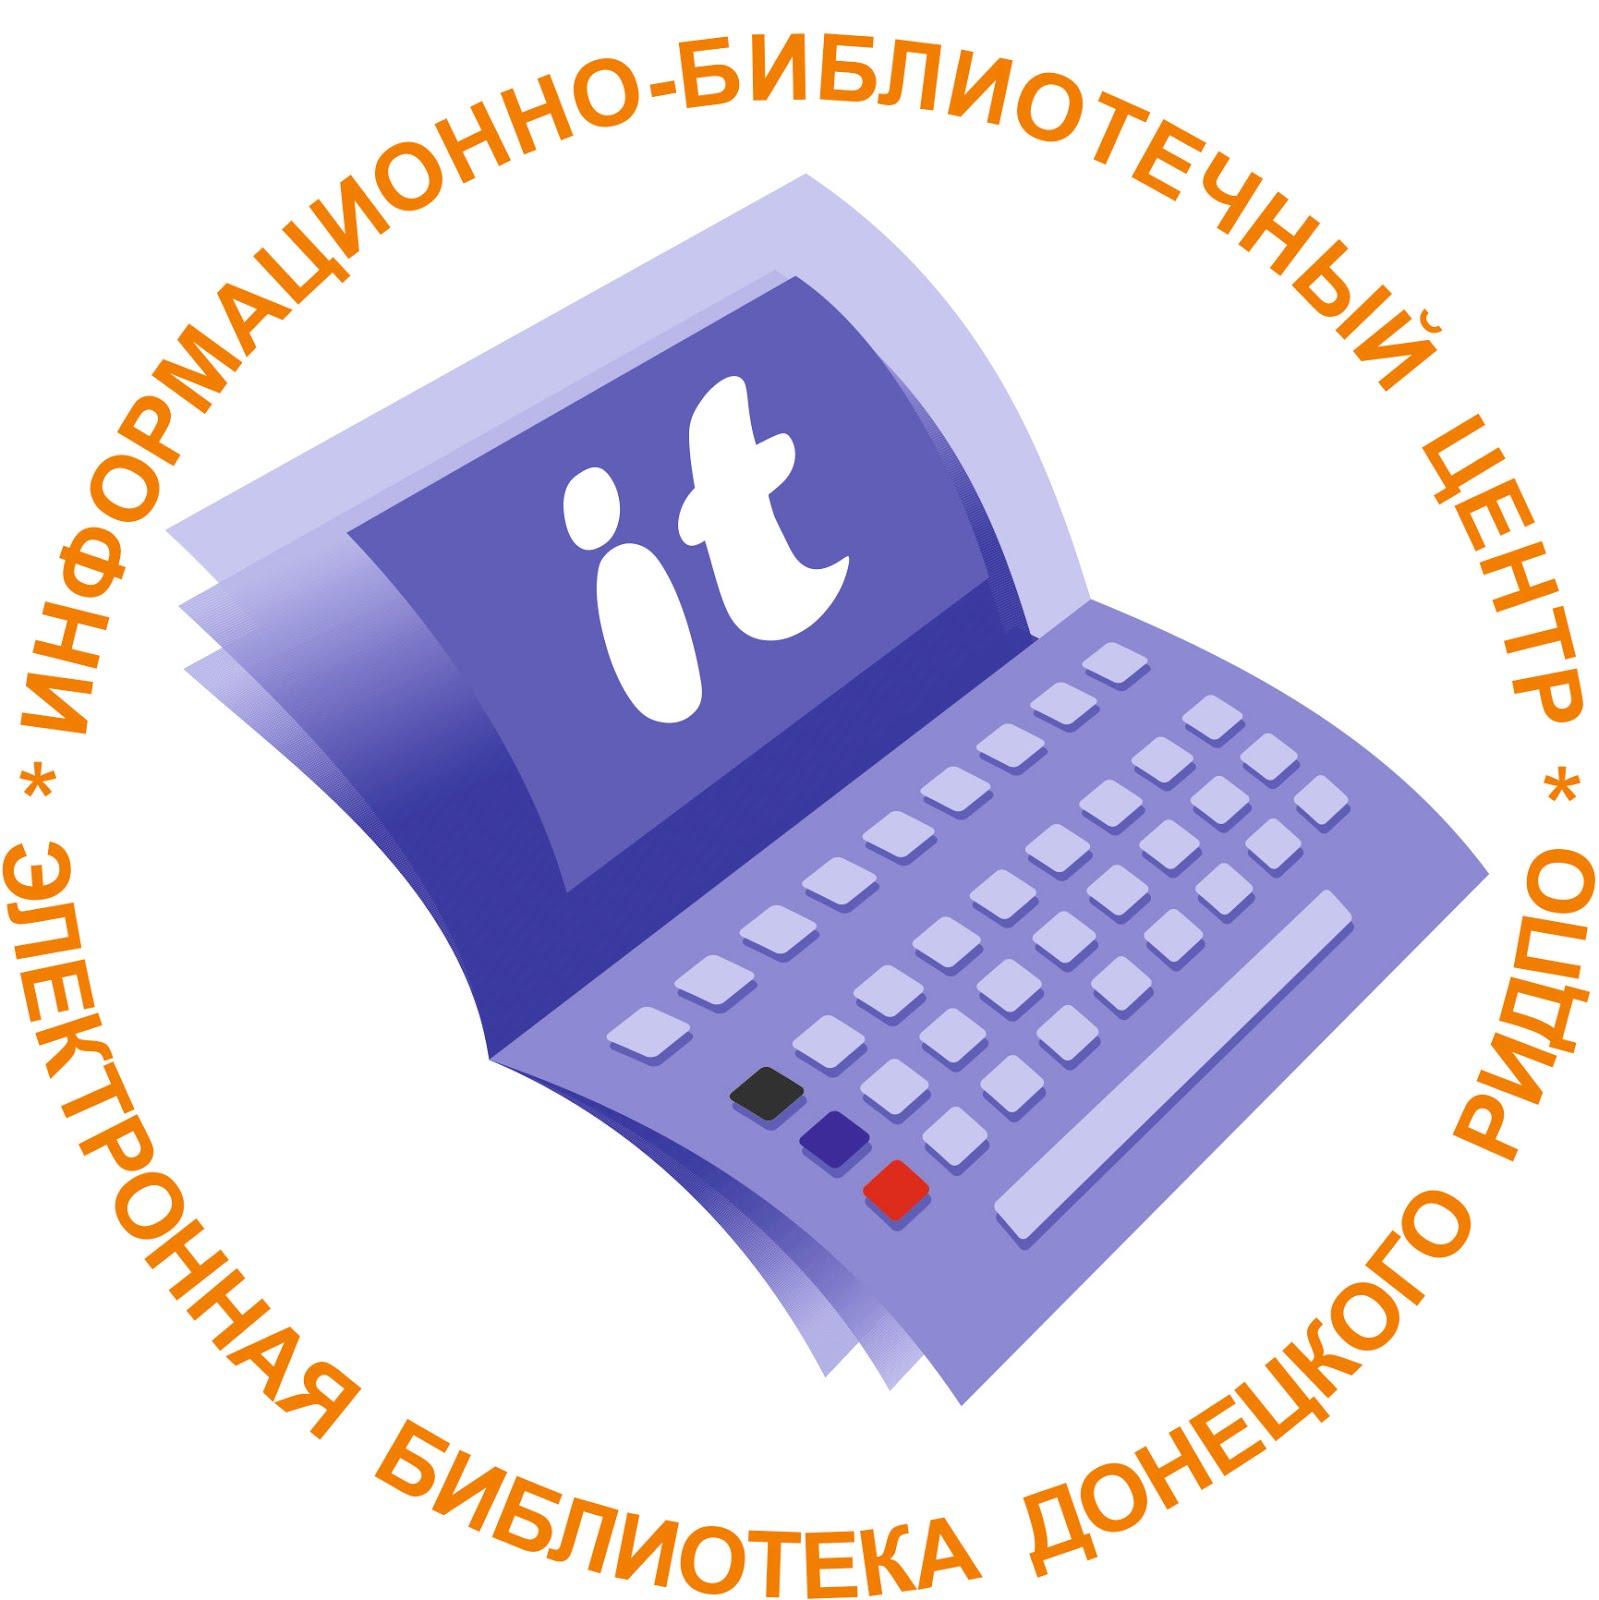 Информационно-библиотечный центр